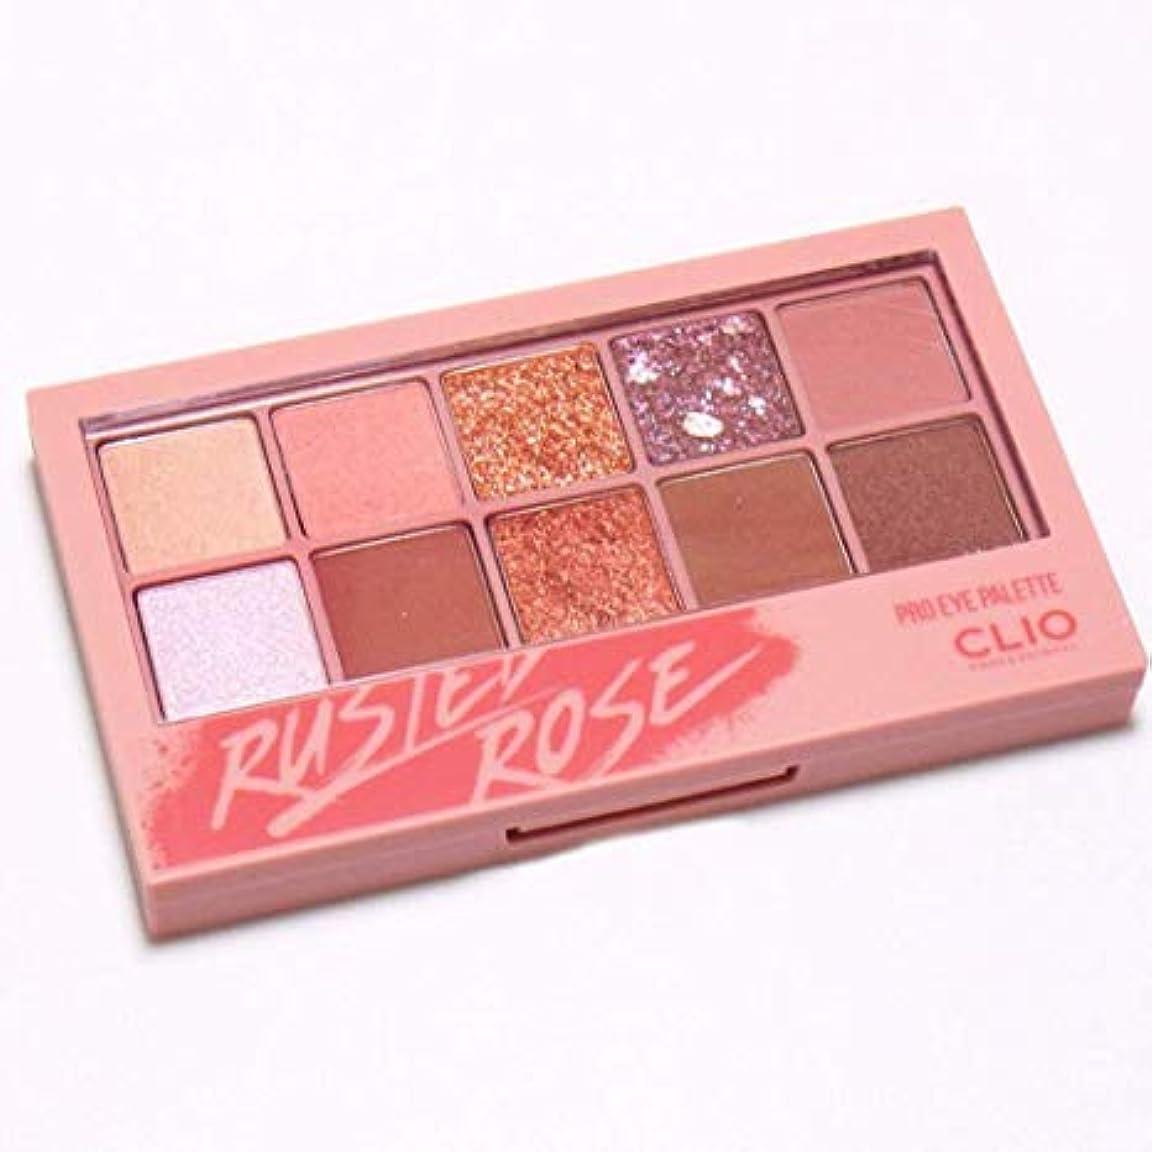 ドメイン法医学他の場所クリオ[CLIO] Pro Layering Eye Palette N05 さびたバラ (0.6gx10色) / Pro Layering Eye Palette N05 Rusted Rose